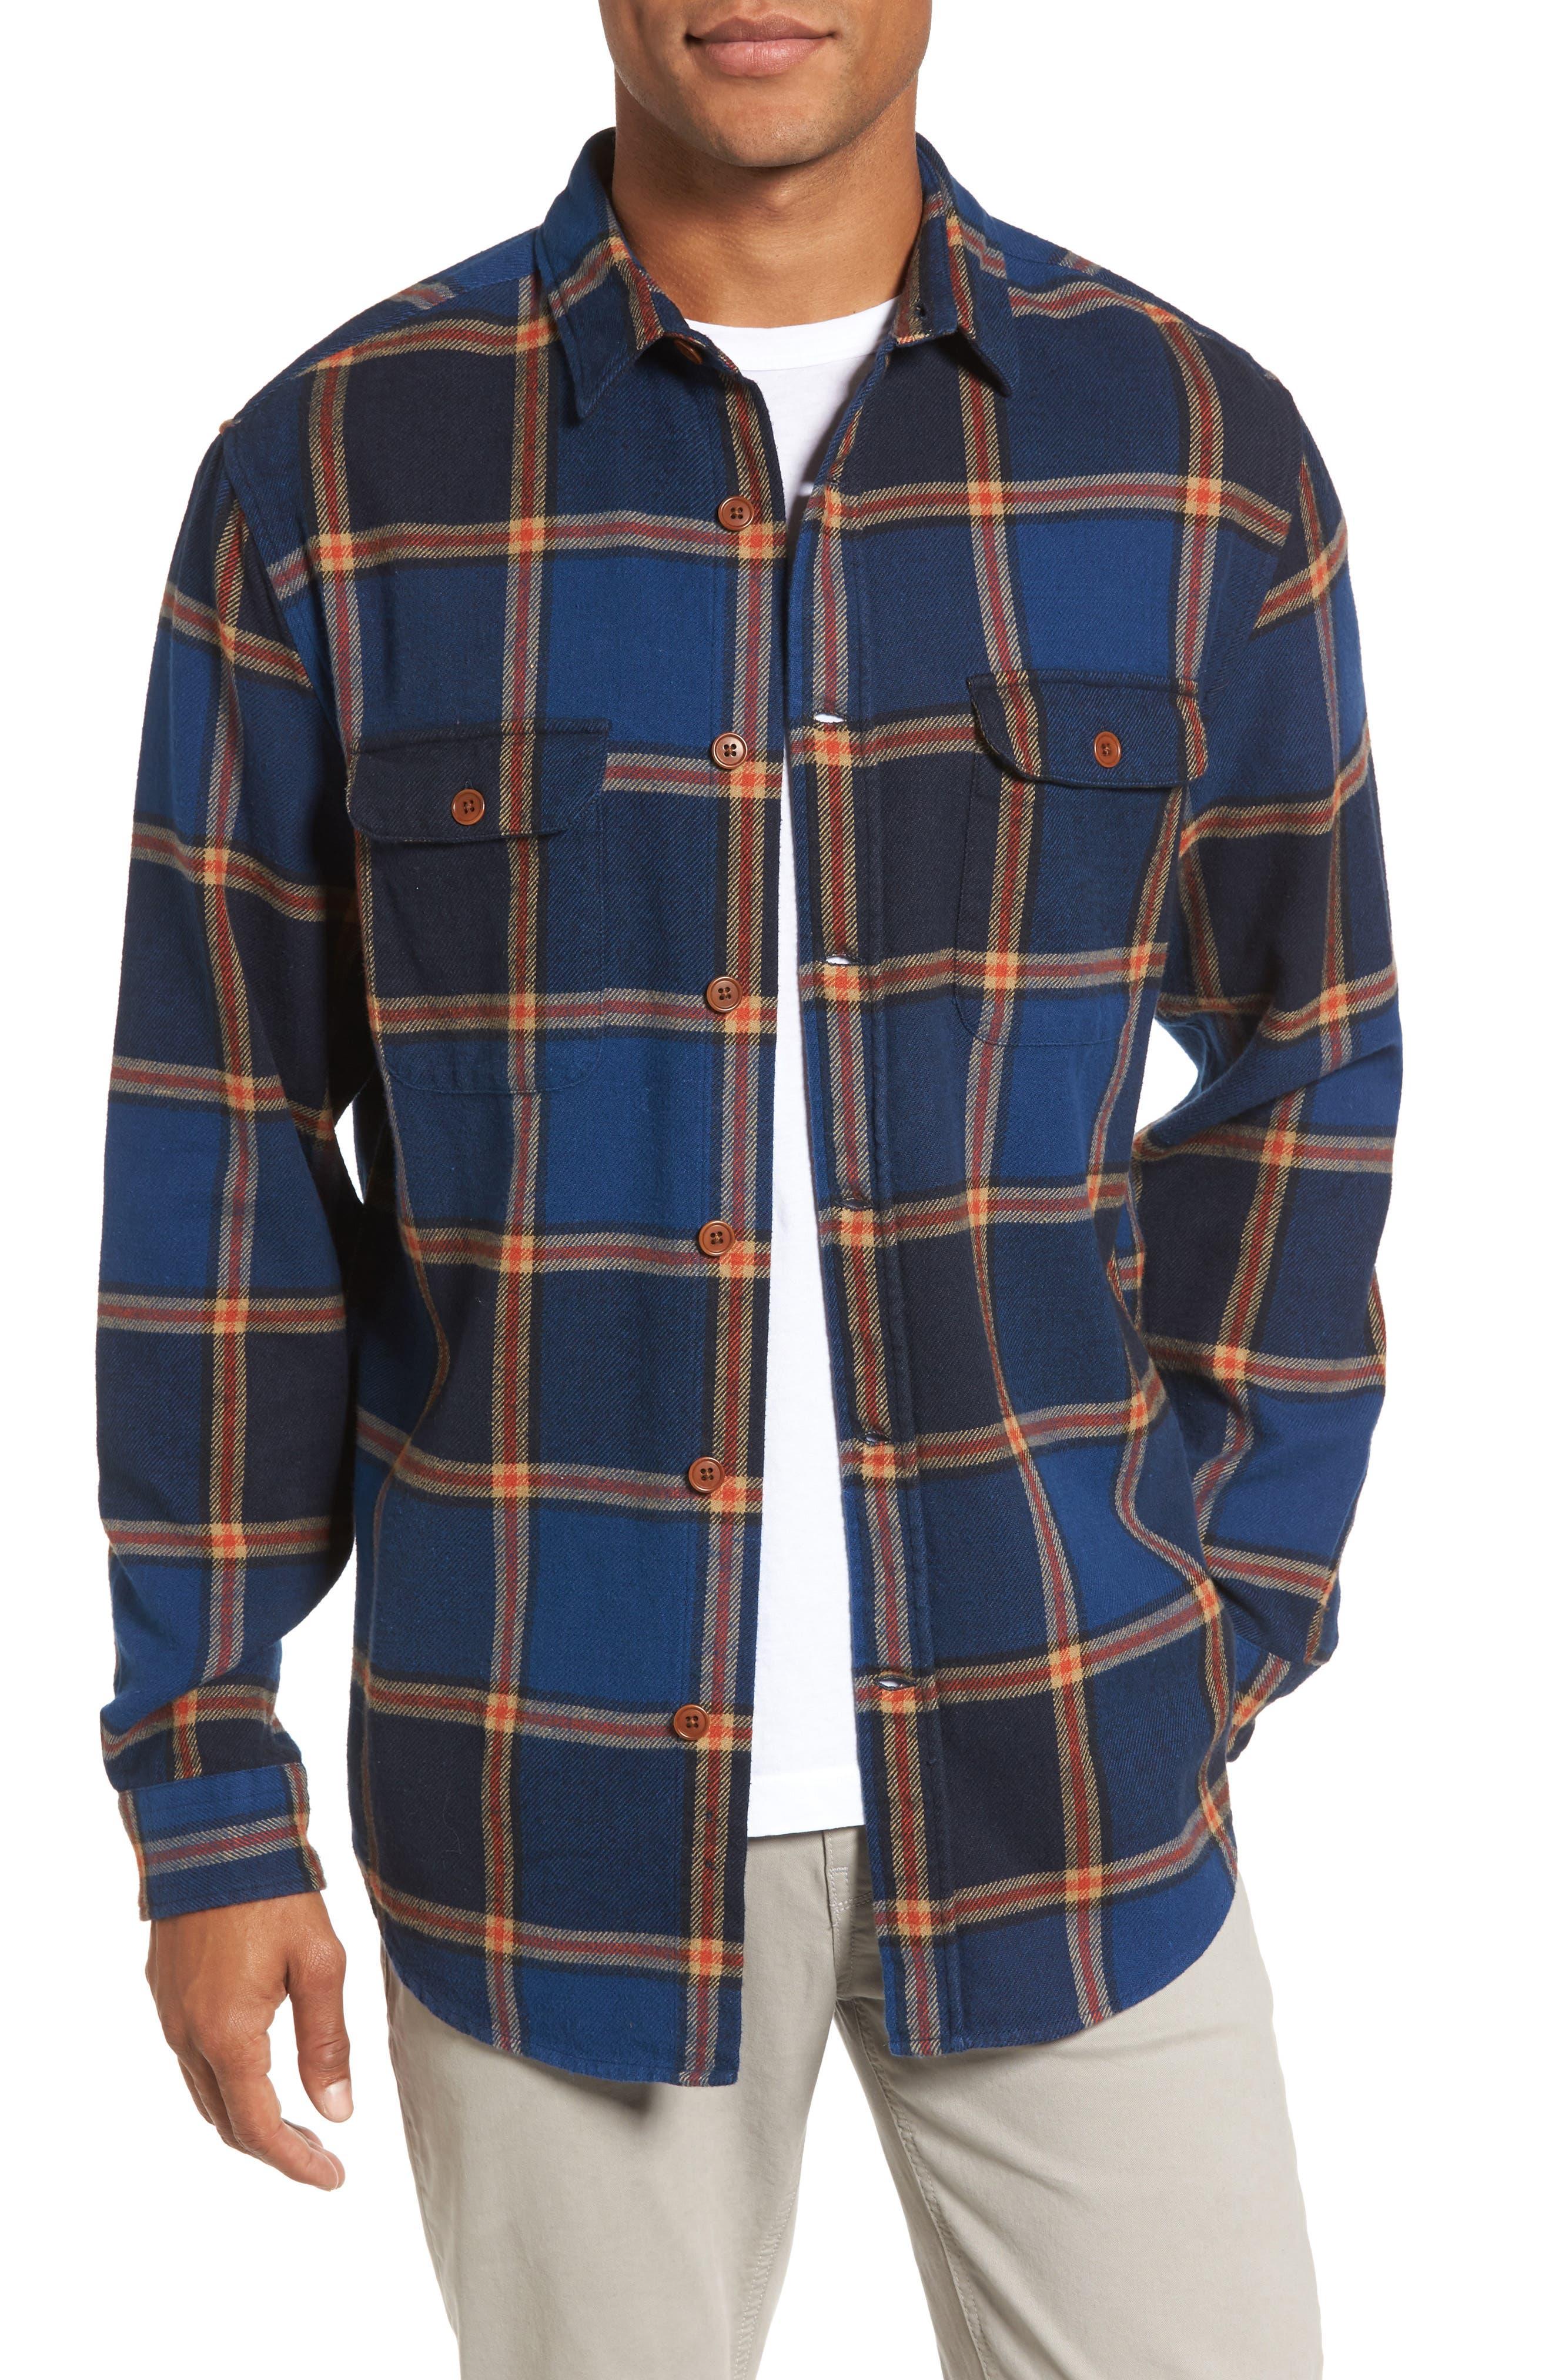 Main Image - Gant R1 Check Twill Shirt Jacket